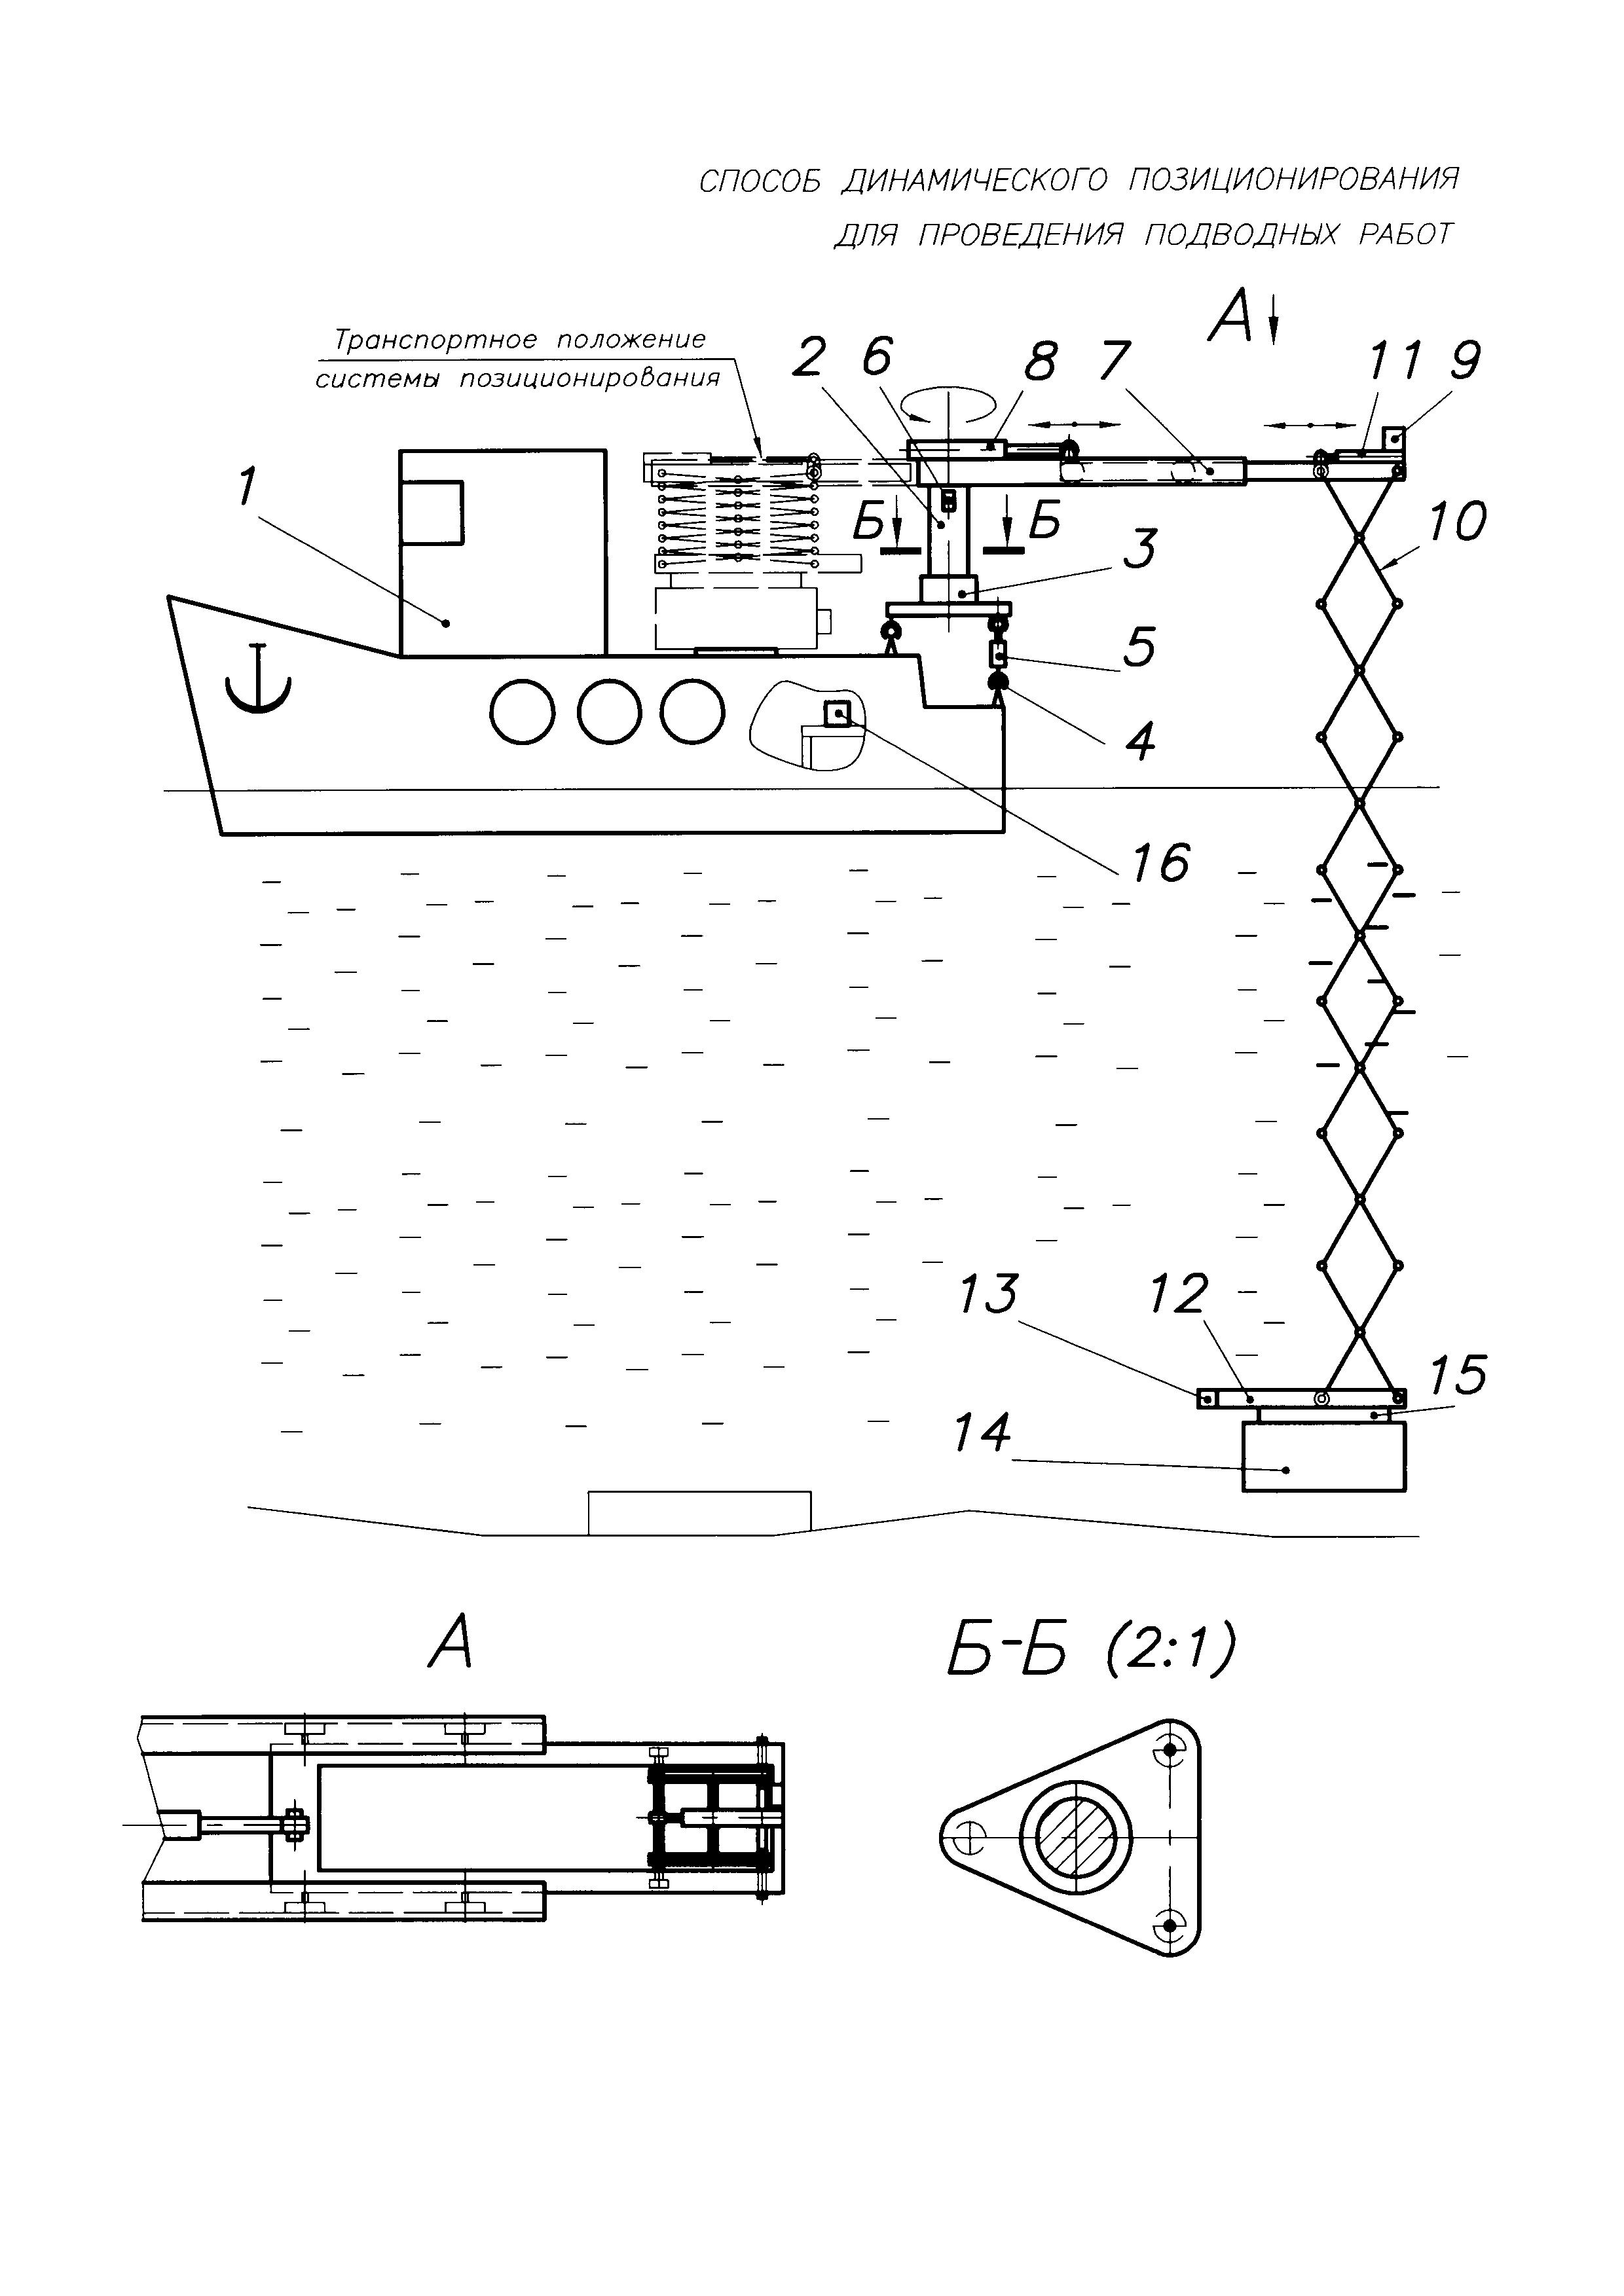 Способ динамического позиционирования для проведения подводных работ